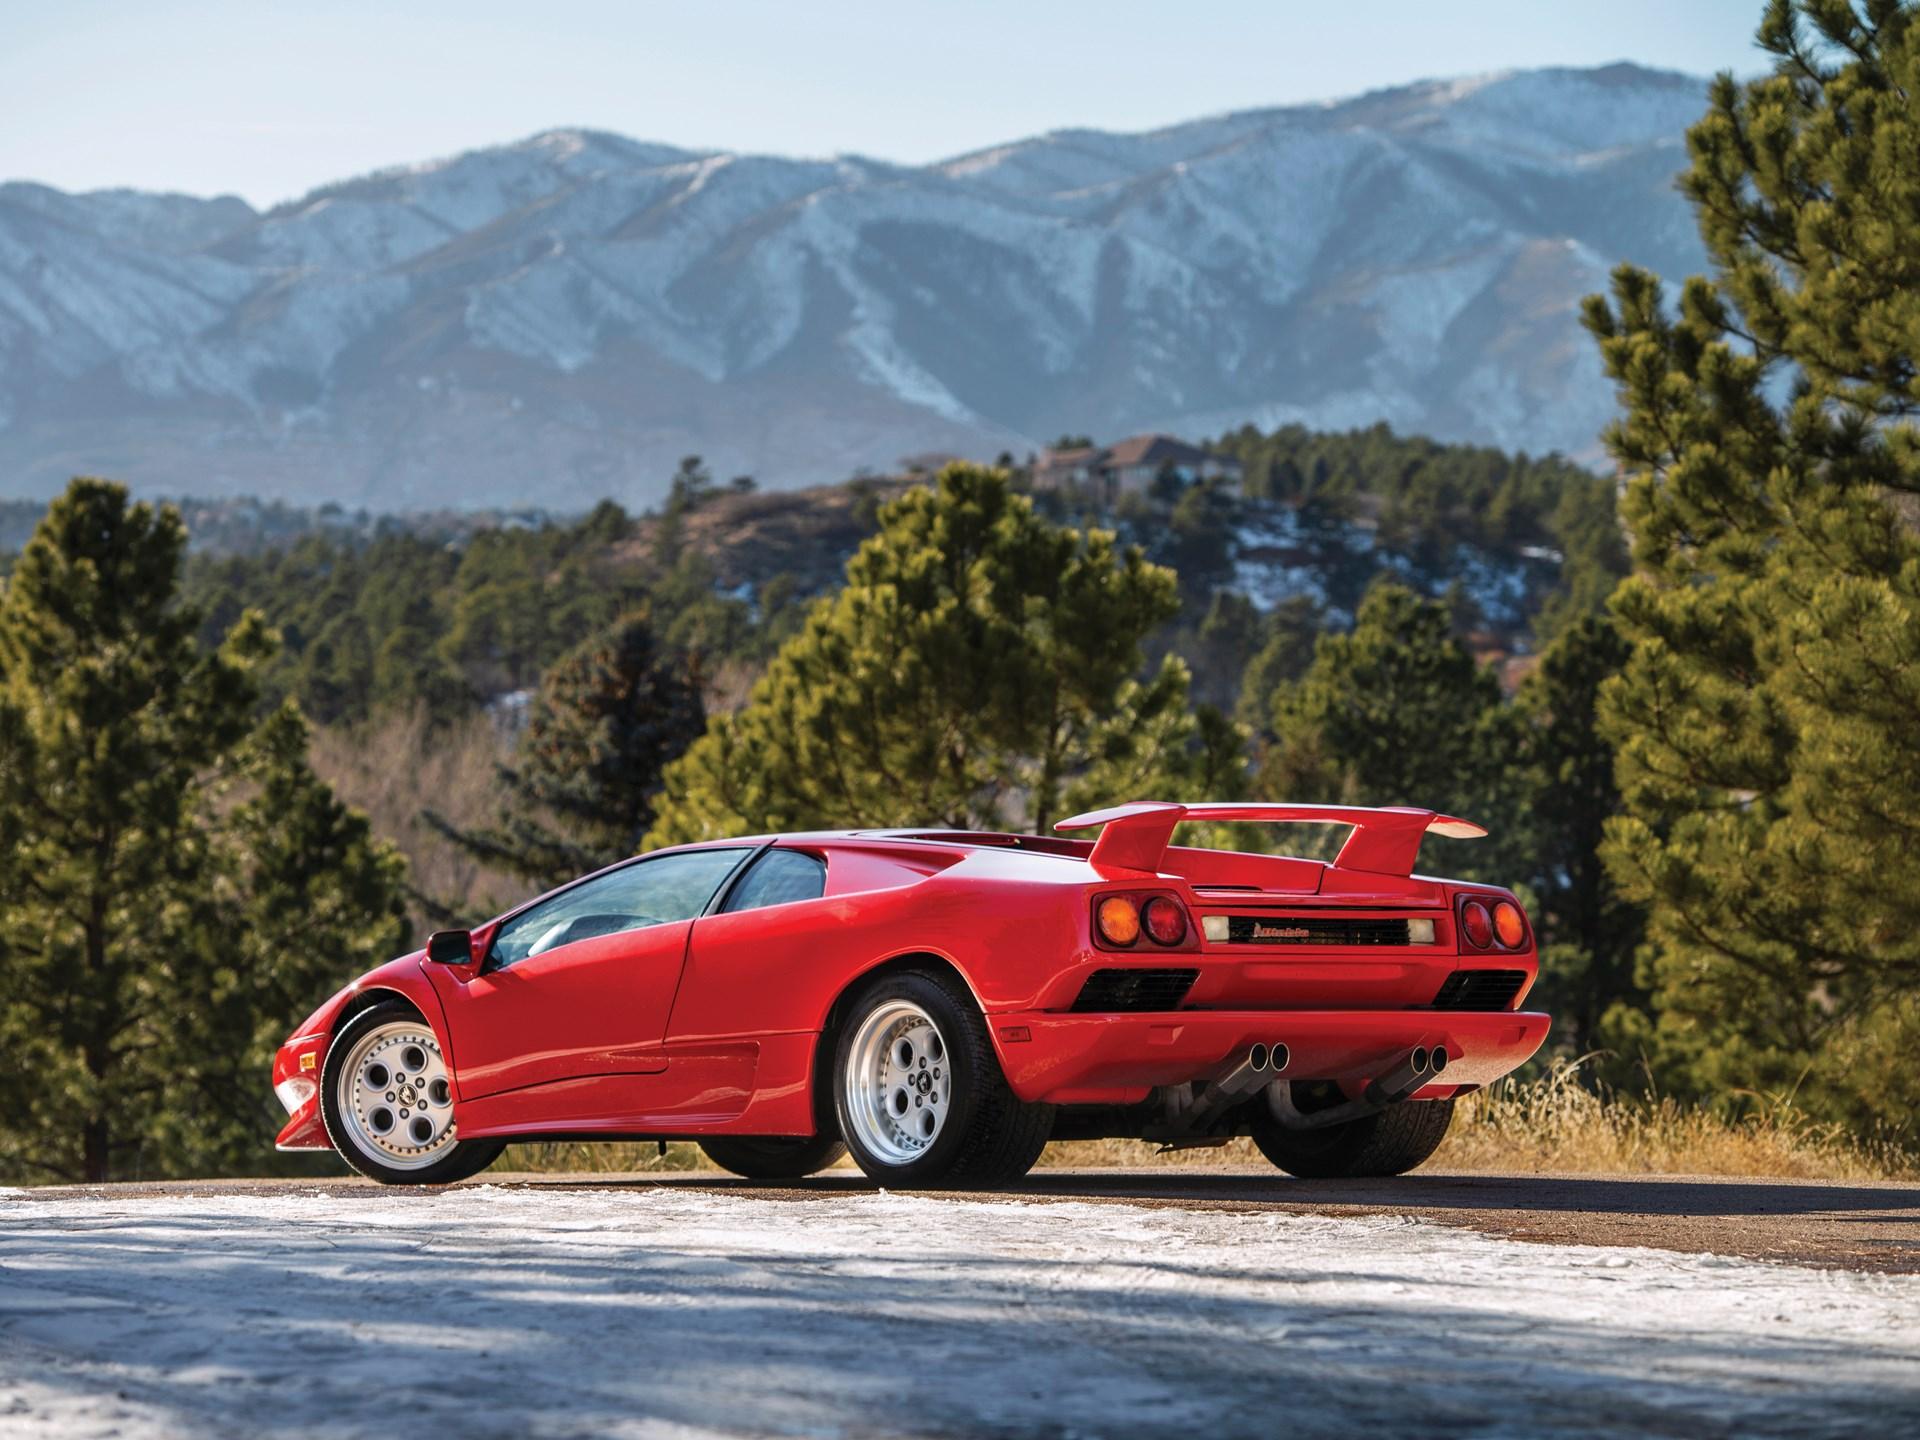 1991 Lamborghini Diablo sold for $68,200